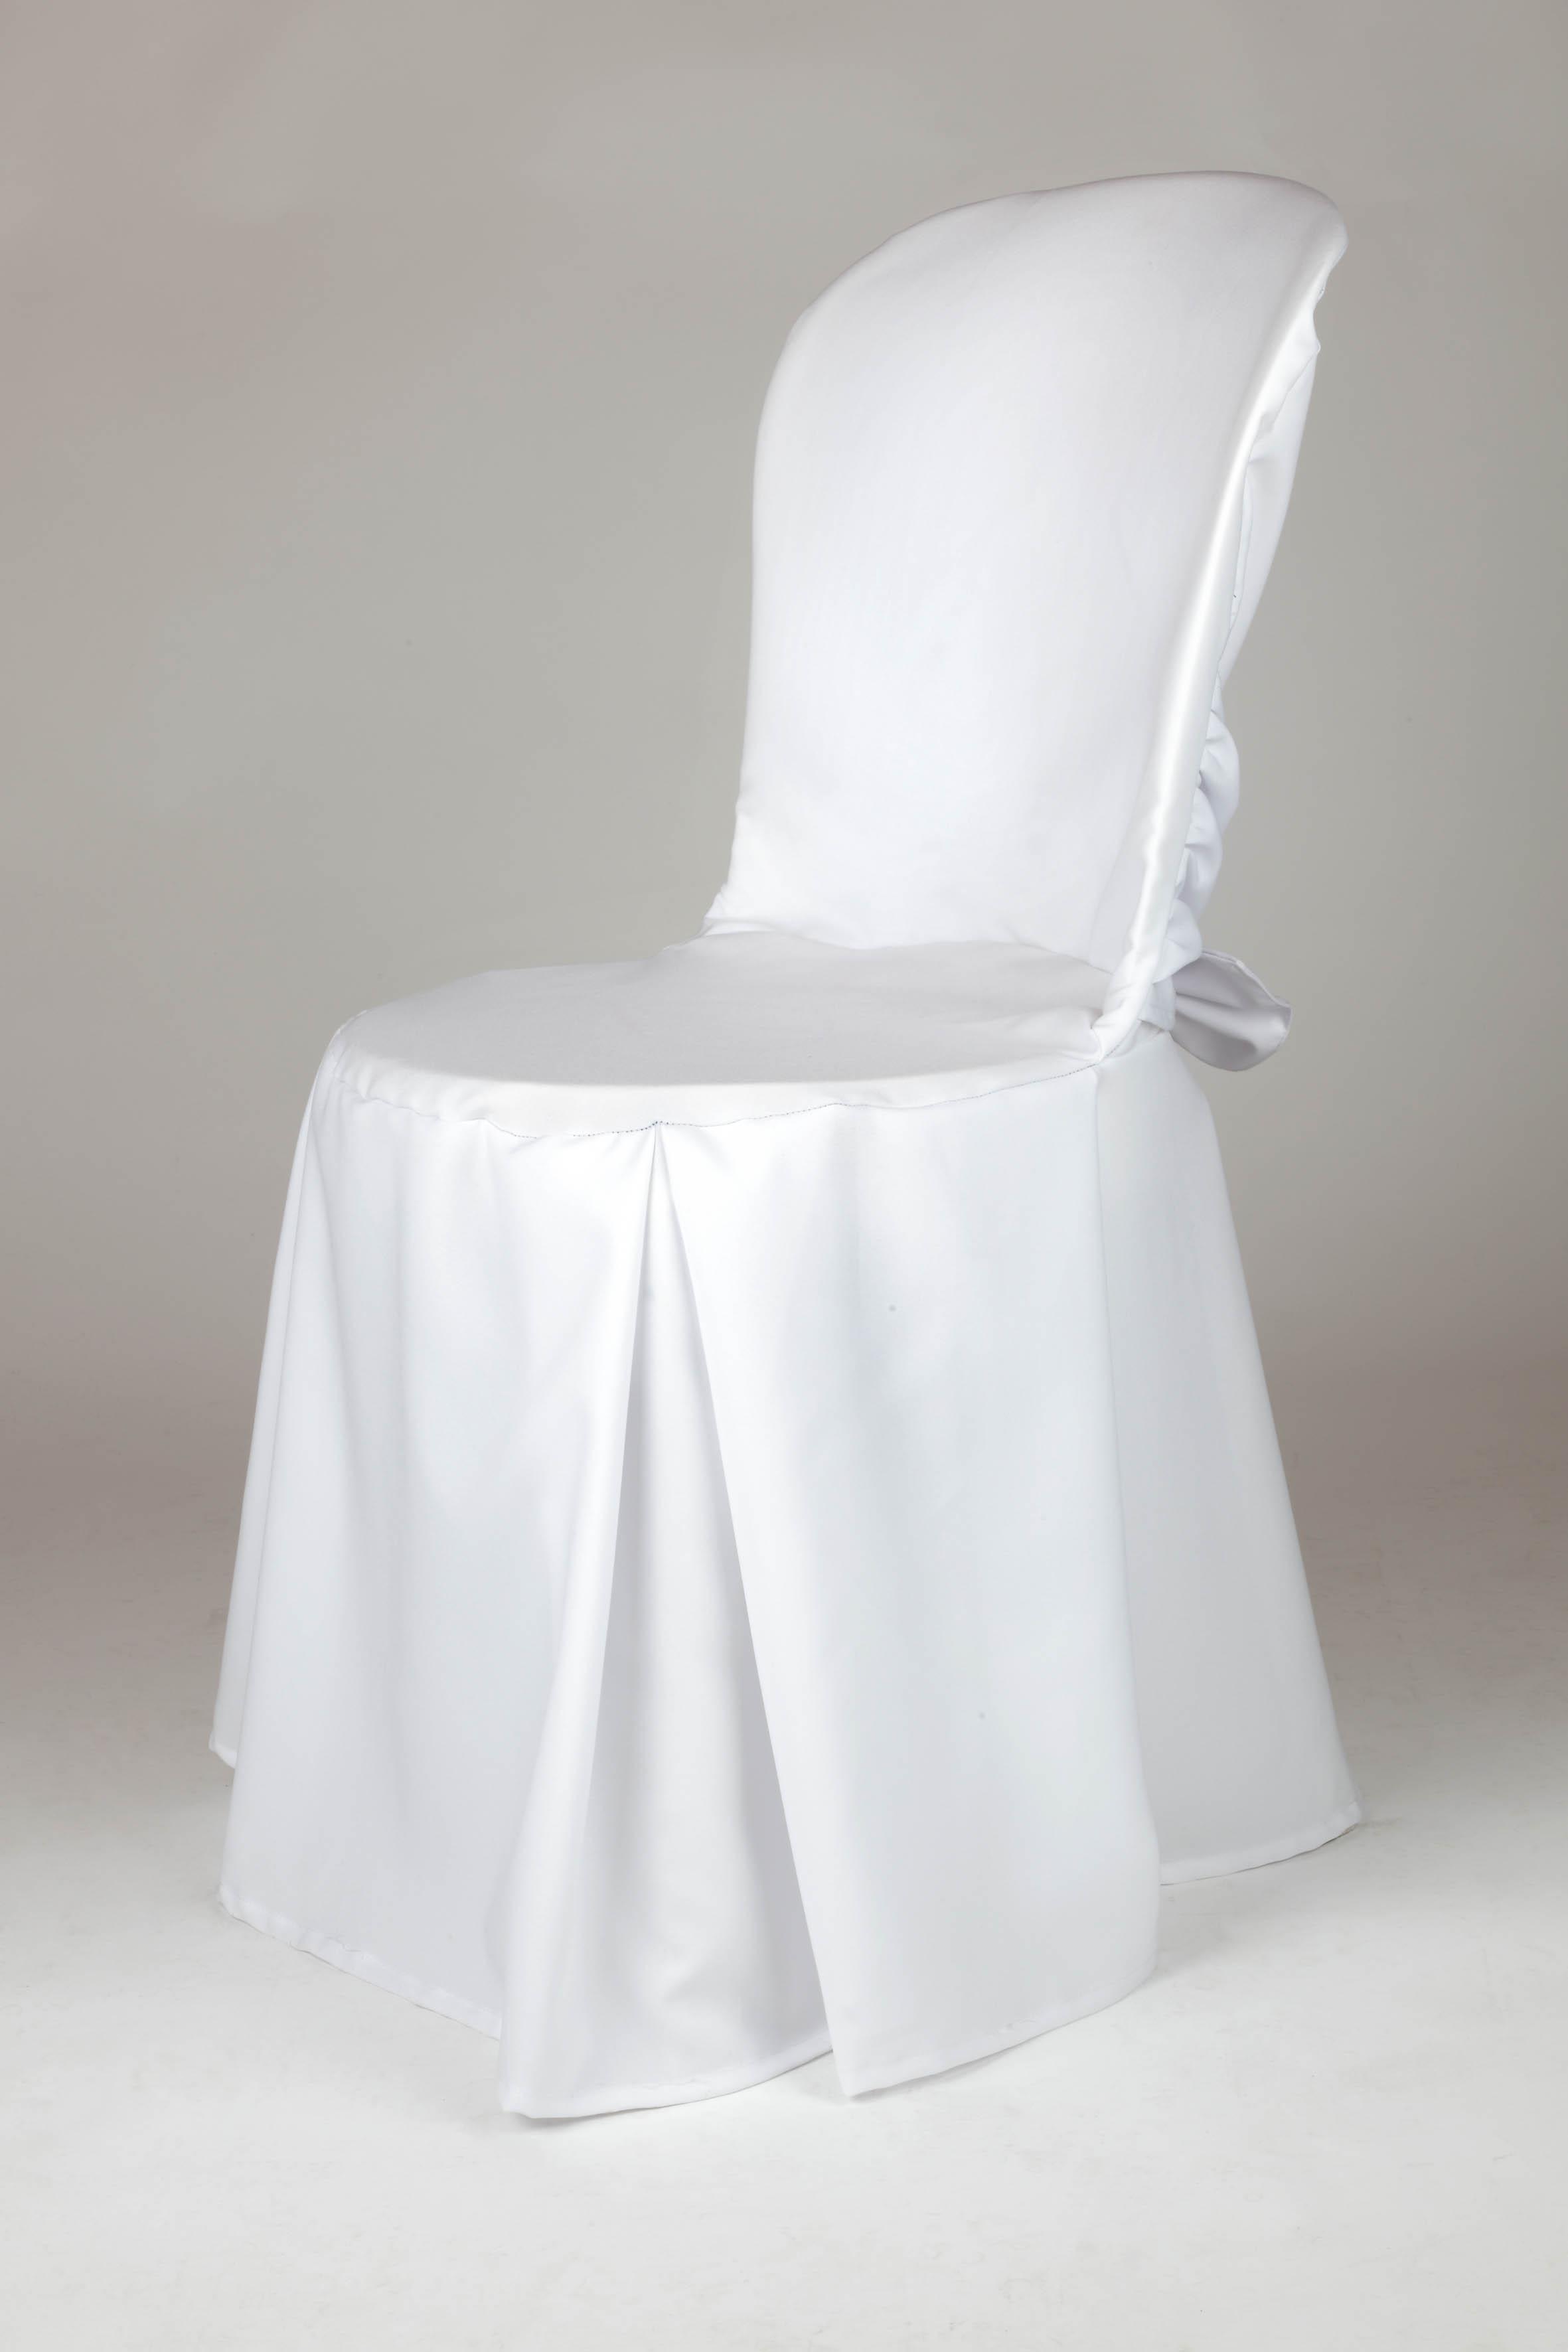 Housse de chaise ikea sur mesure 28 images housse for Housse canap ikea sur mesure